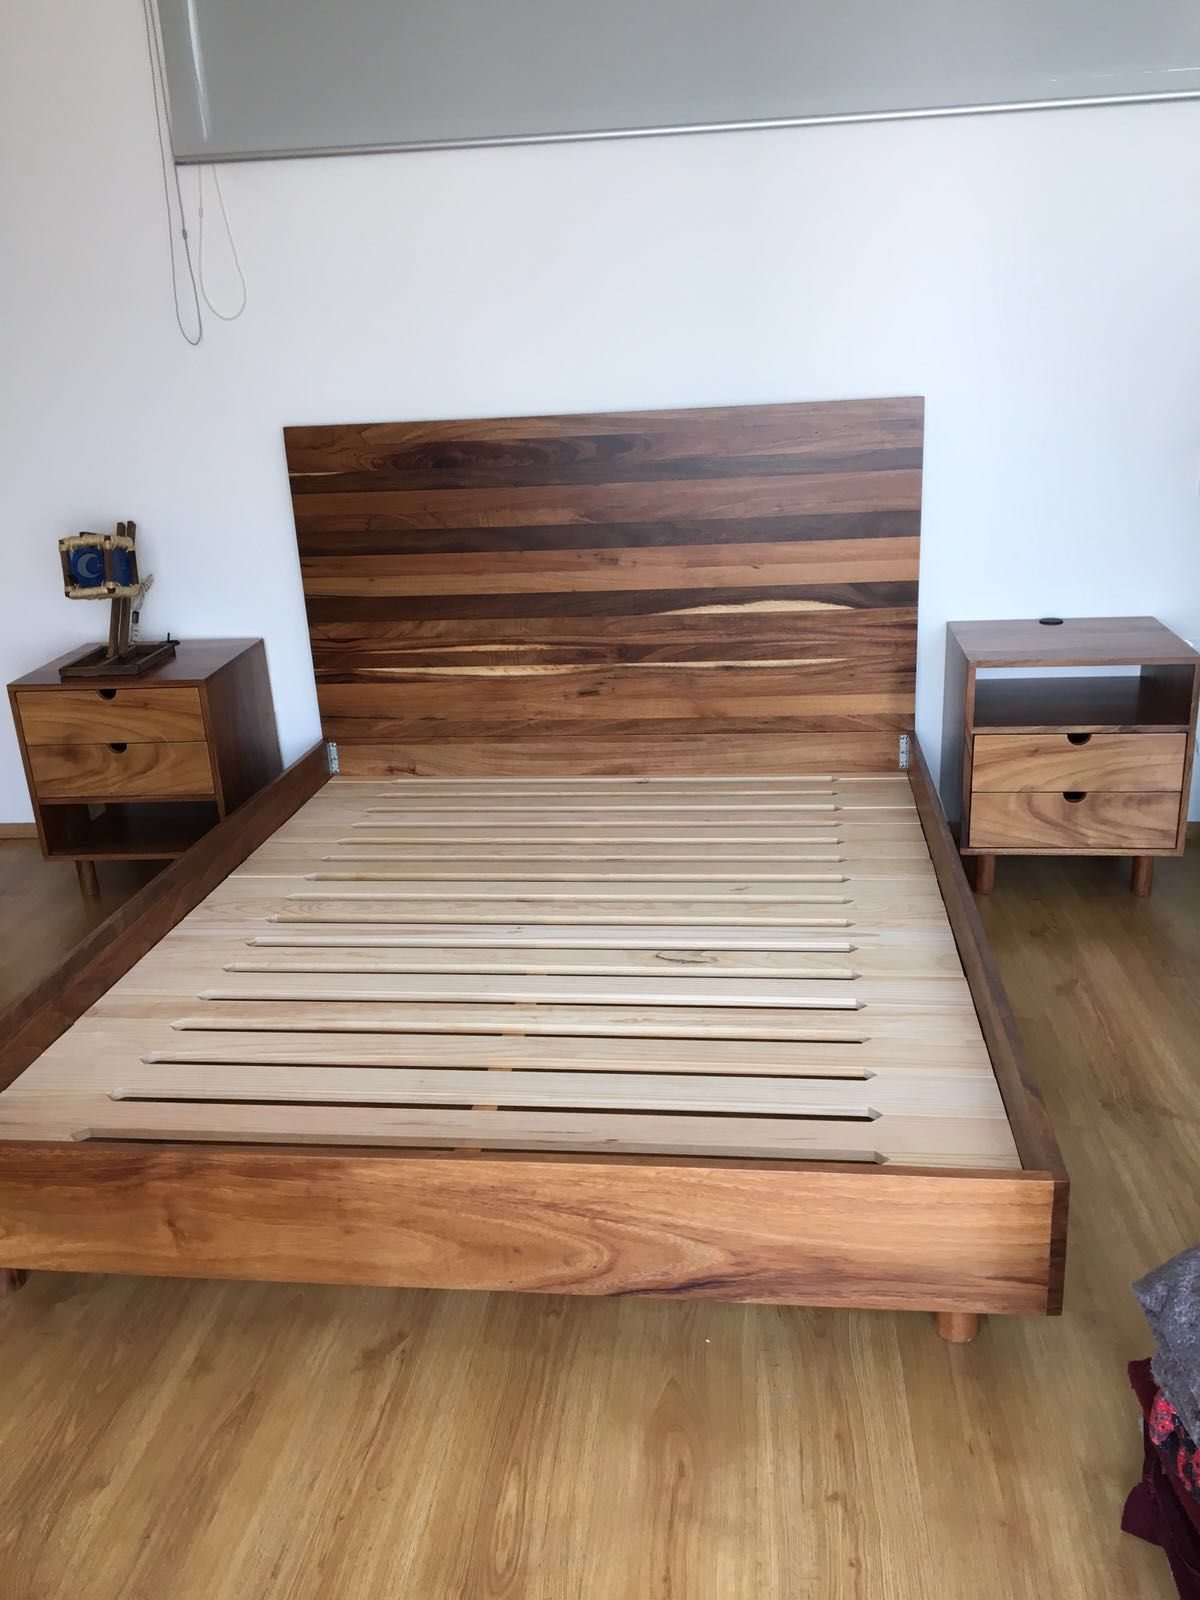 Base de cama y cabecera de madera de huanacastle bases for Camas en madera economicas